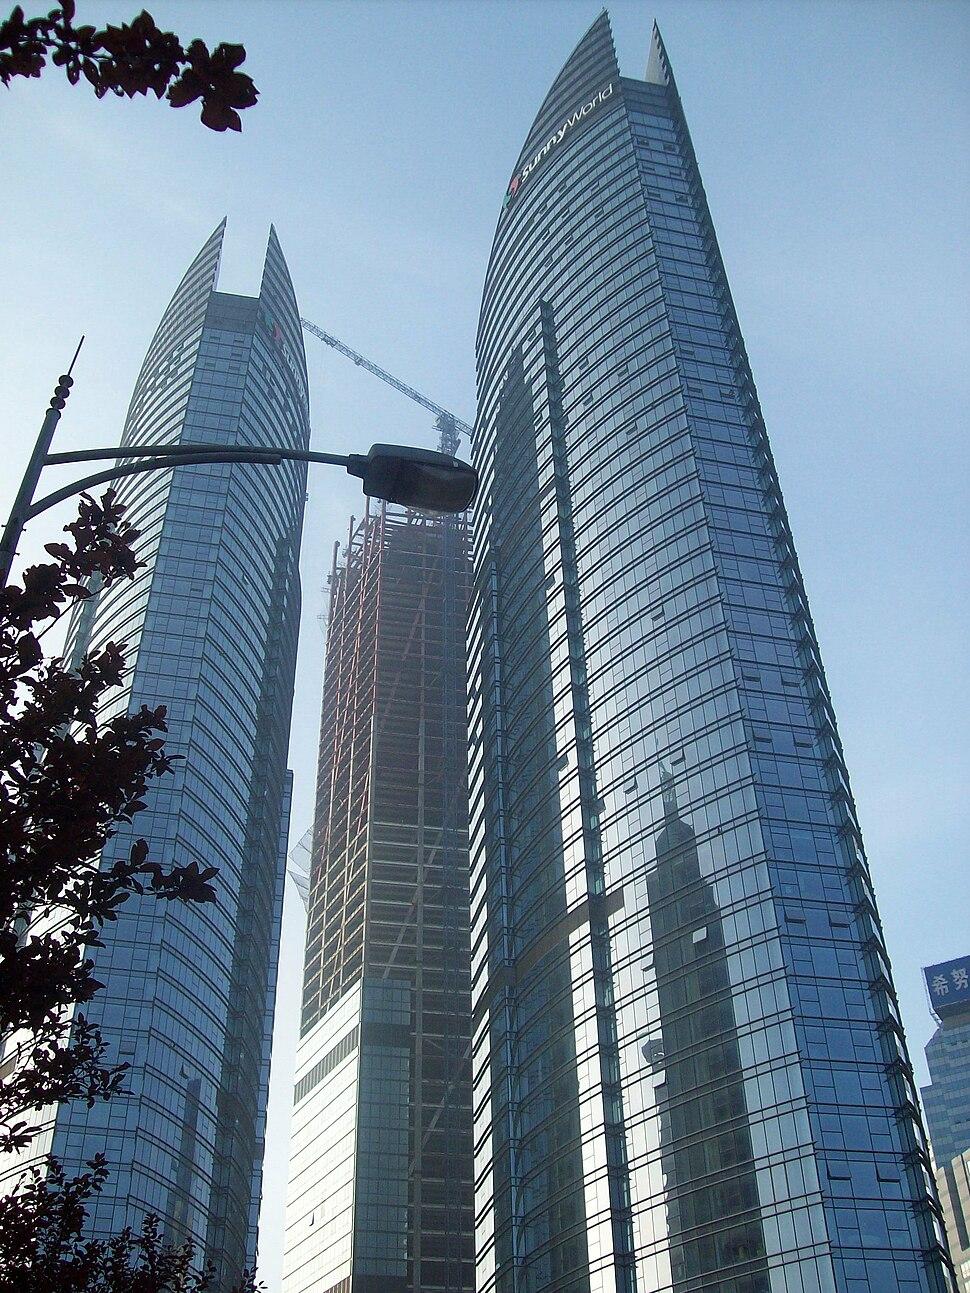 Qingdao skyscrapers